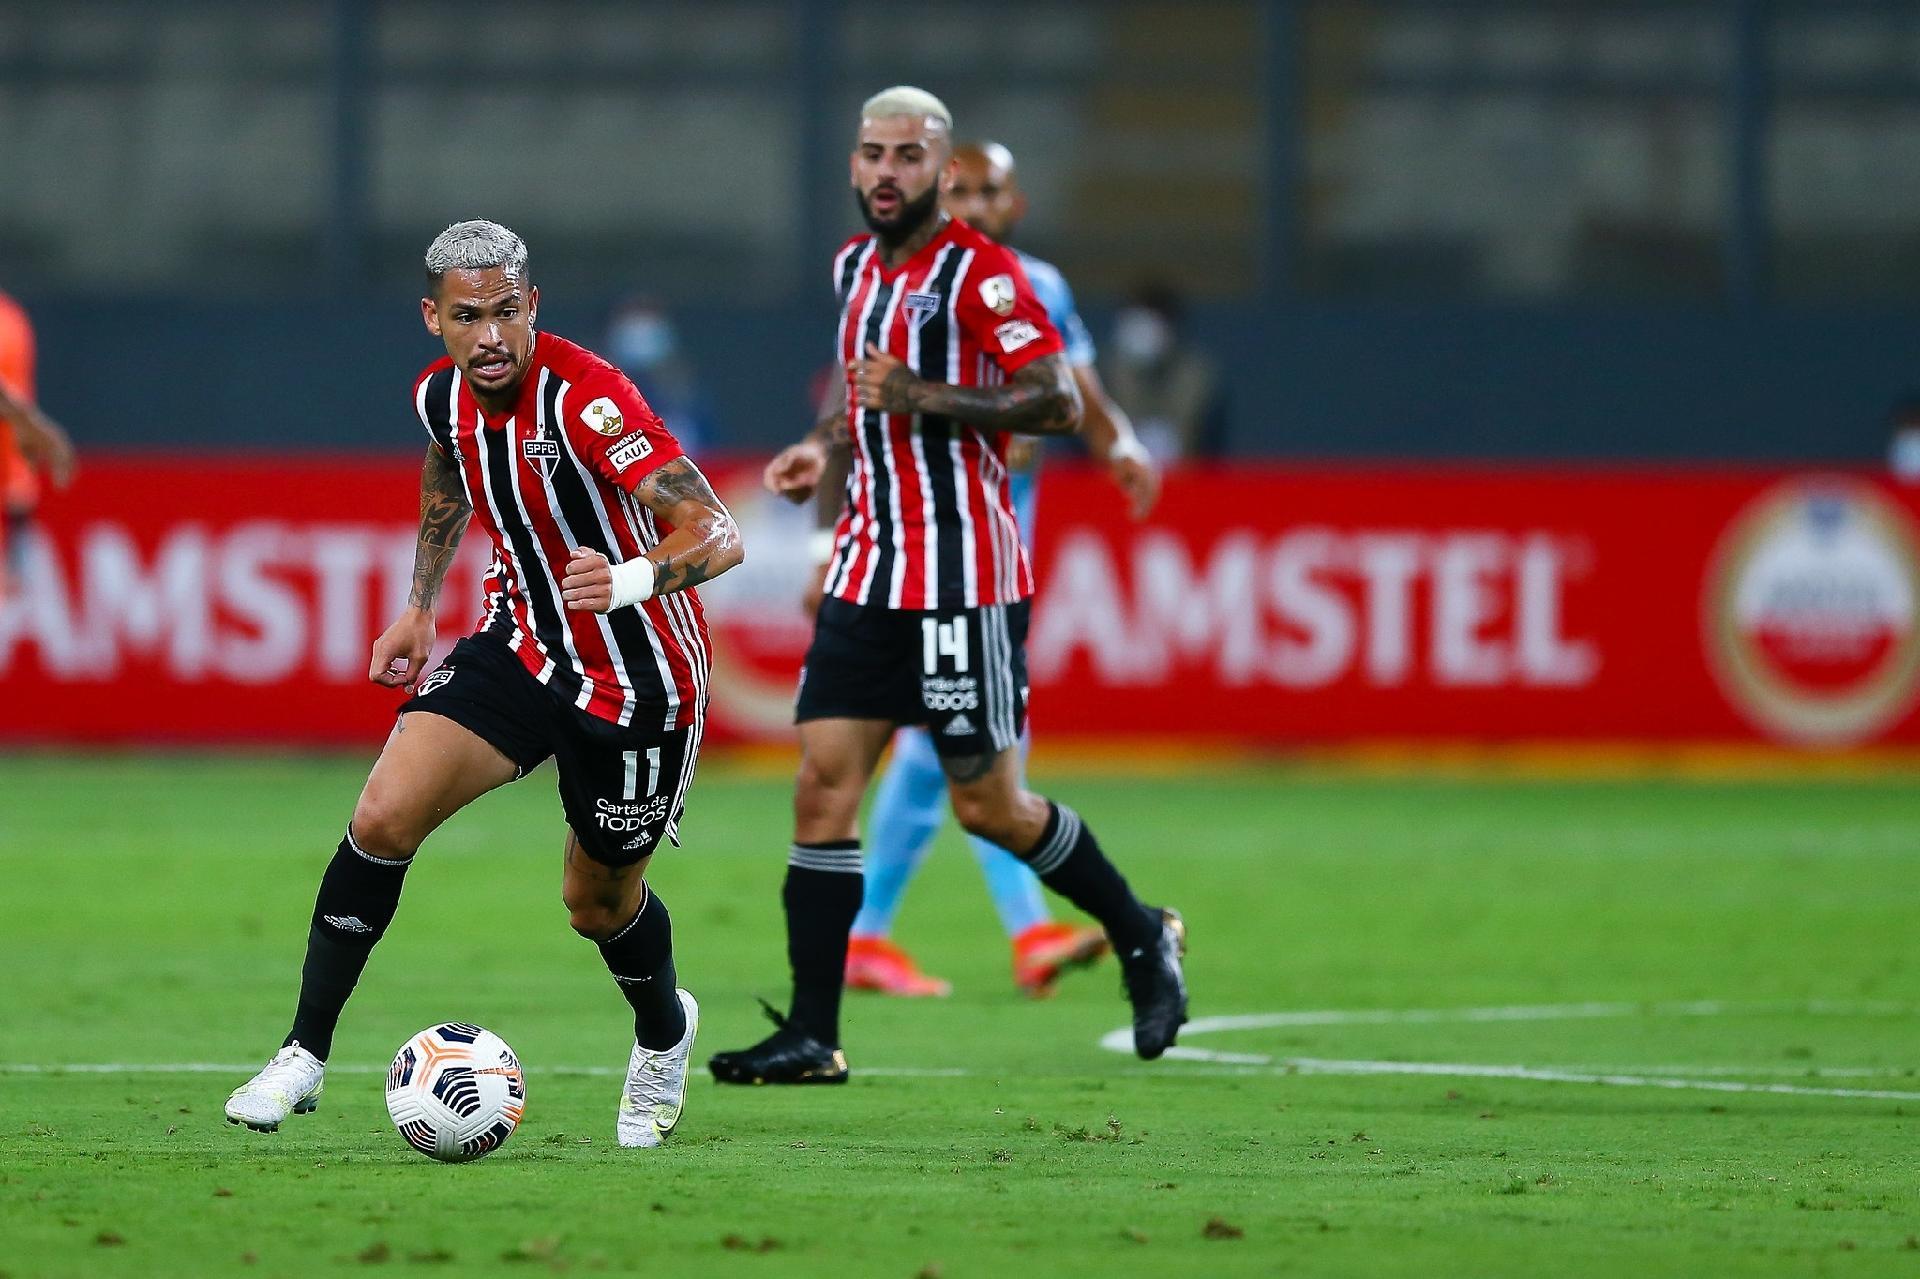 Spfc X Sporting Cristal Onde Assistir Horario Escalacoes E Arbitros